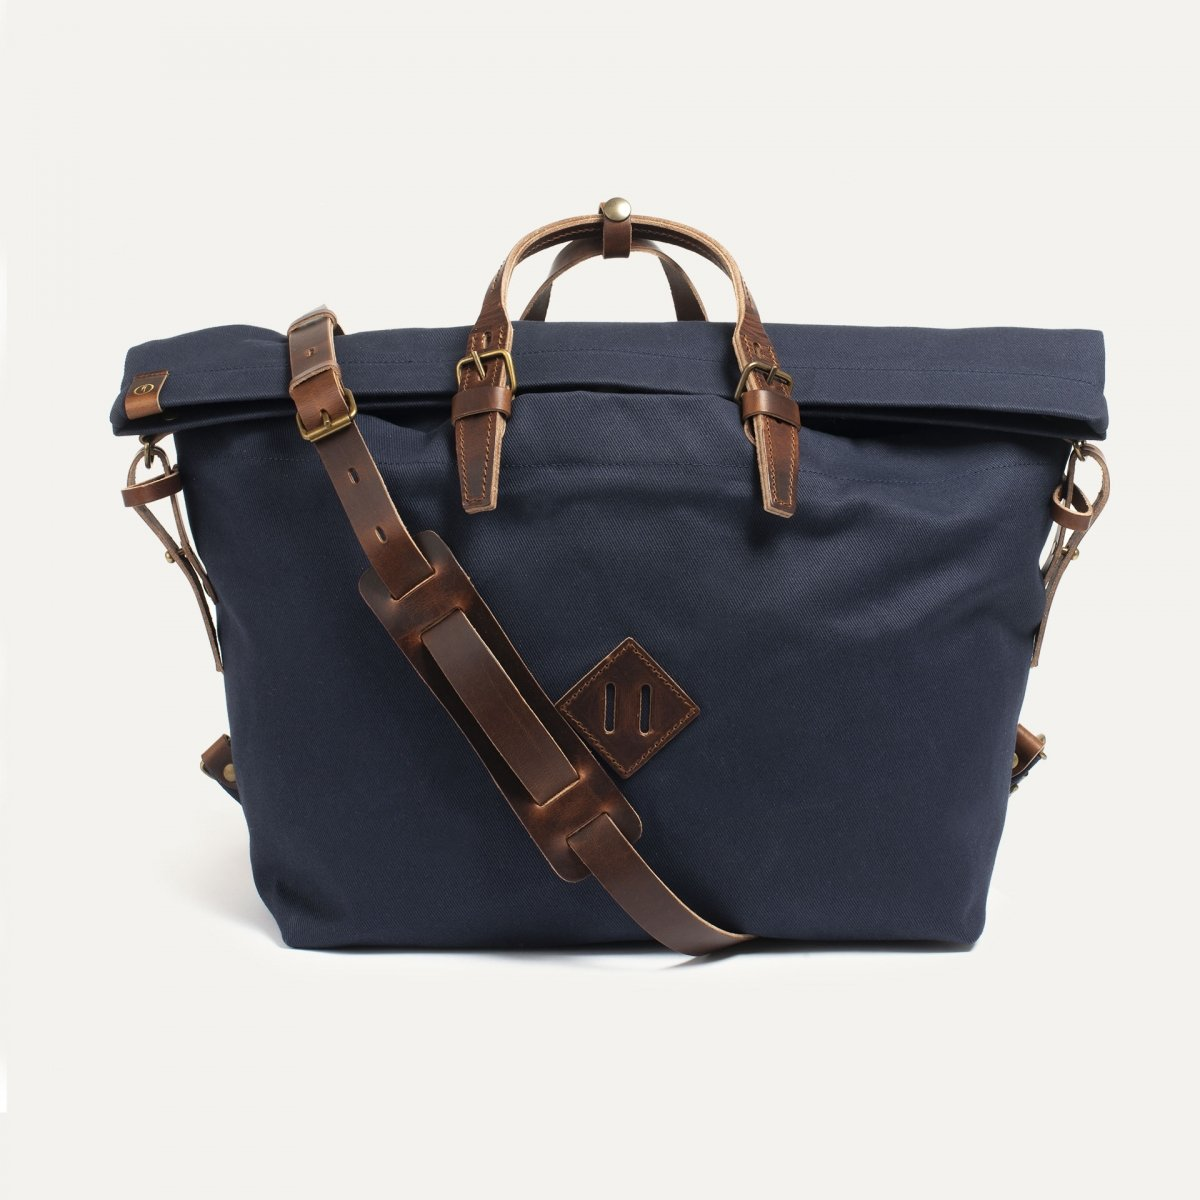 Woody L Backpack - Peacoat Blue (image n°1)